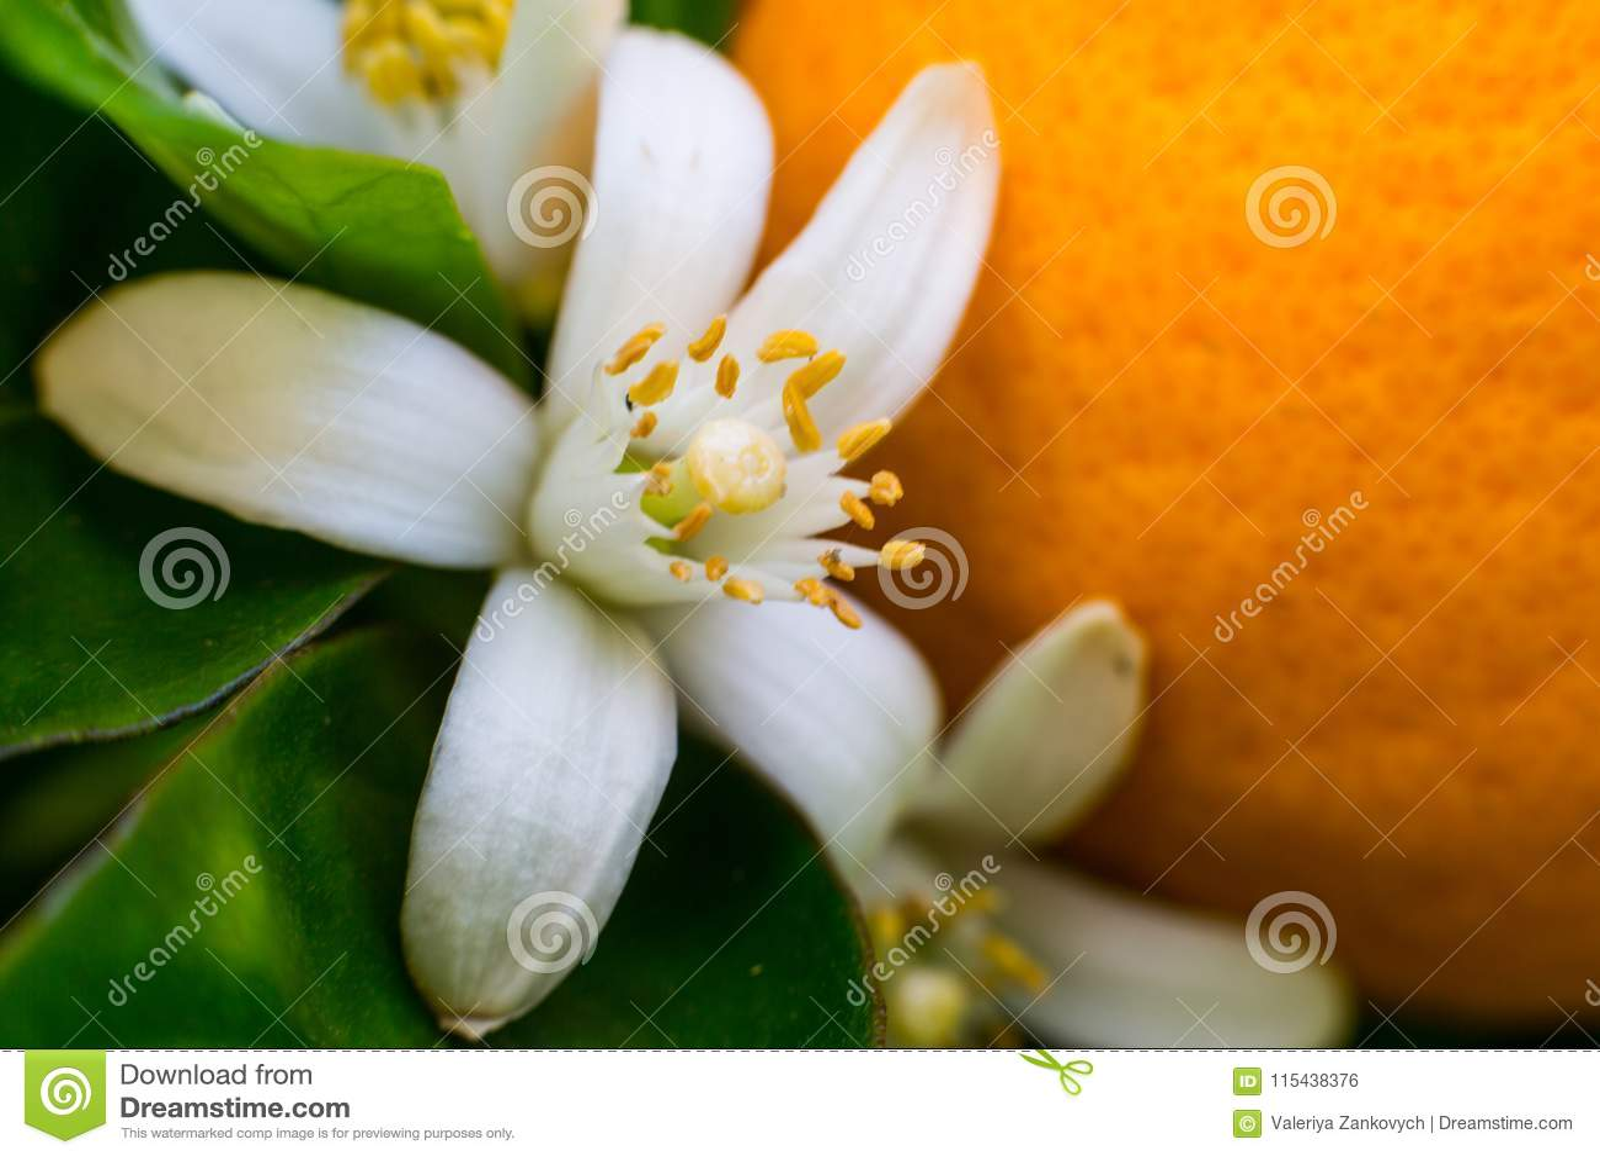 Neroli Foglie luminose verdi dell arancio e neroli arancio con le gocce di pioggia, fondo del fiore della rugiada